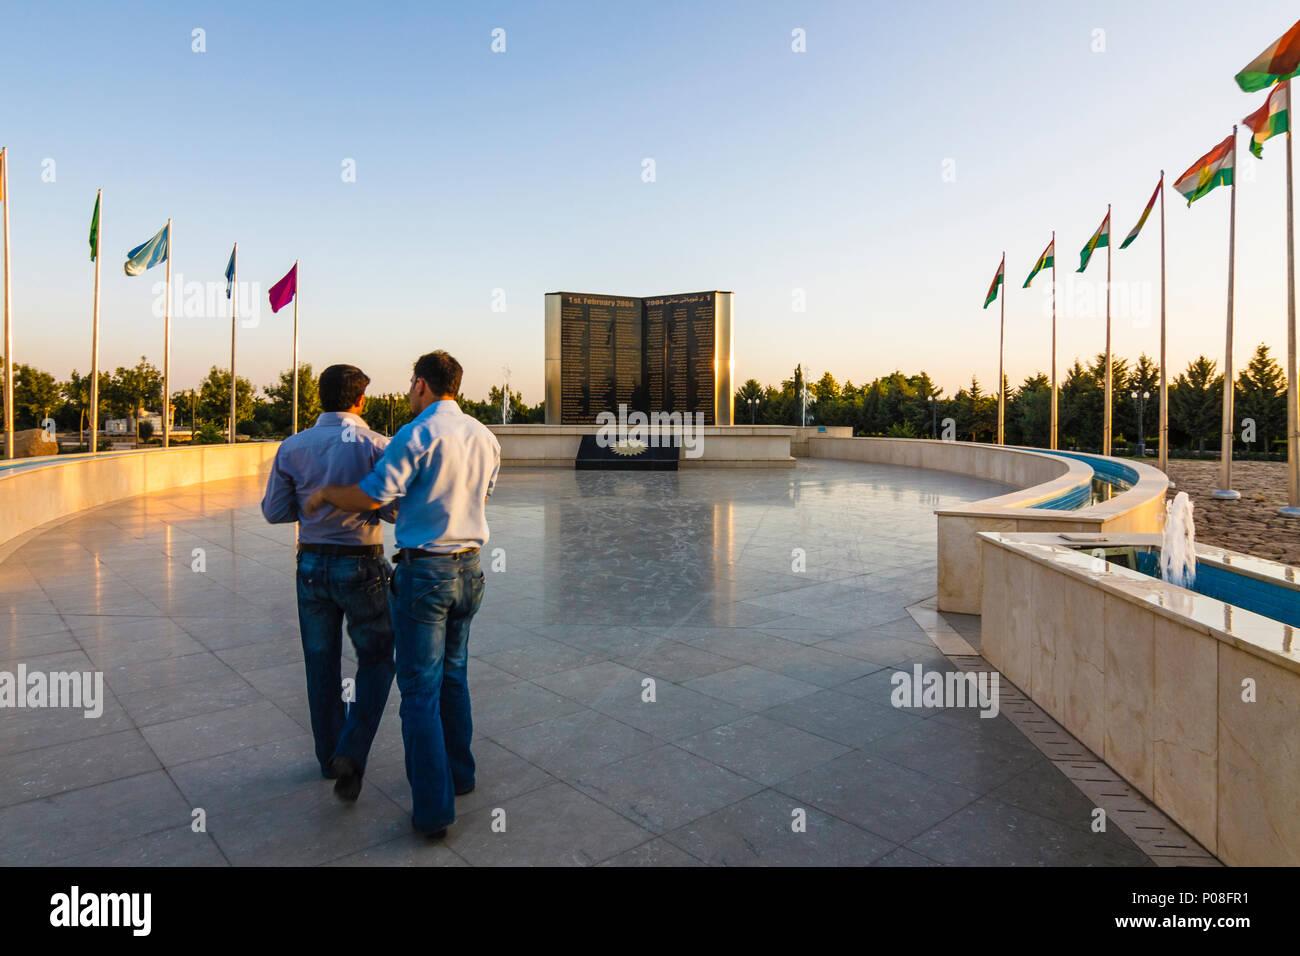 Memoriale dei martiri a Sami Abdul Rahman Park di 98 vittime del 2004 Attentati bomba rivendicato dal gruppo islamista Ansar al-Sunna durante la celebra Immagini Stock